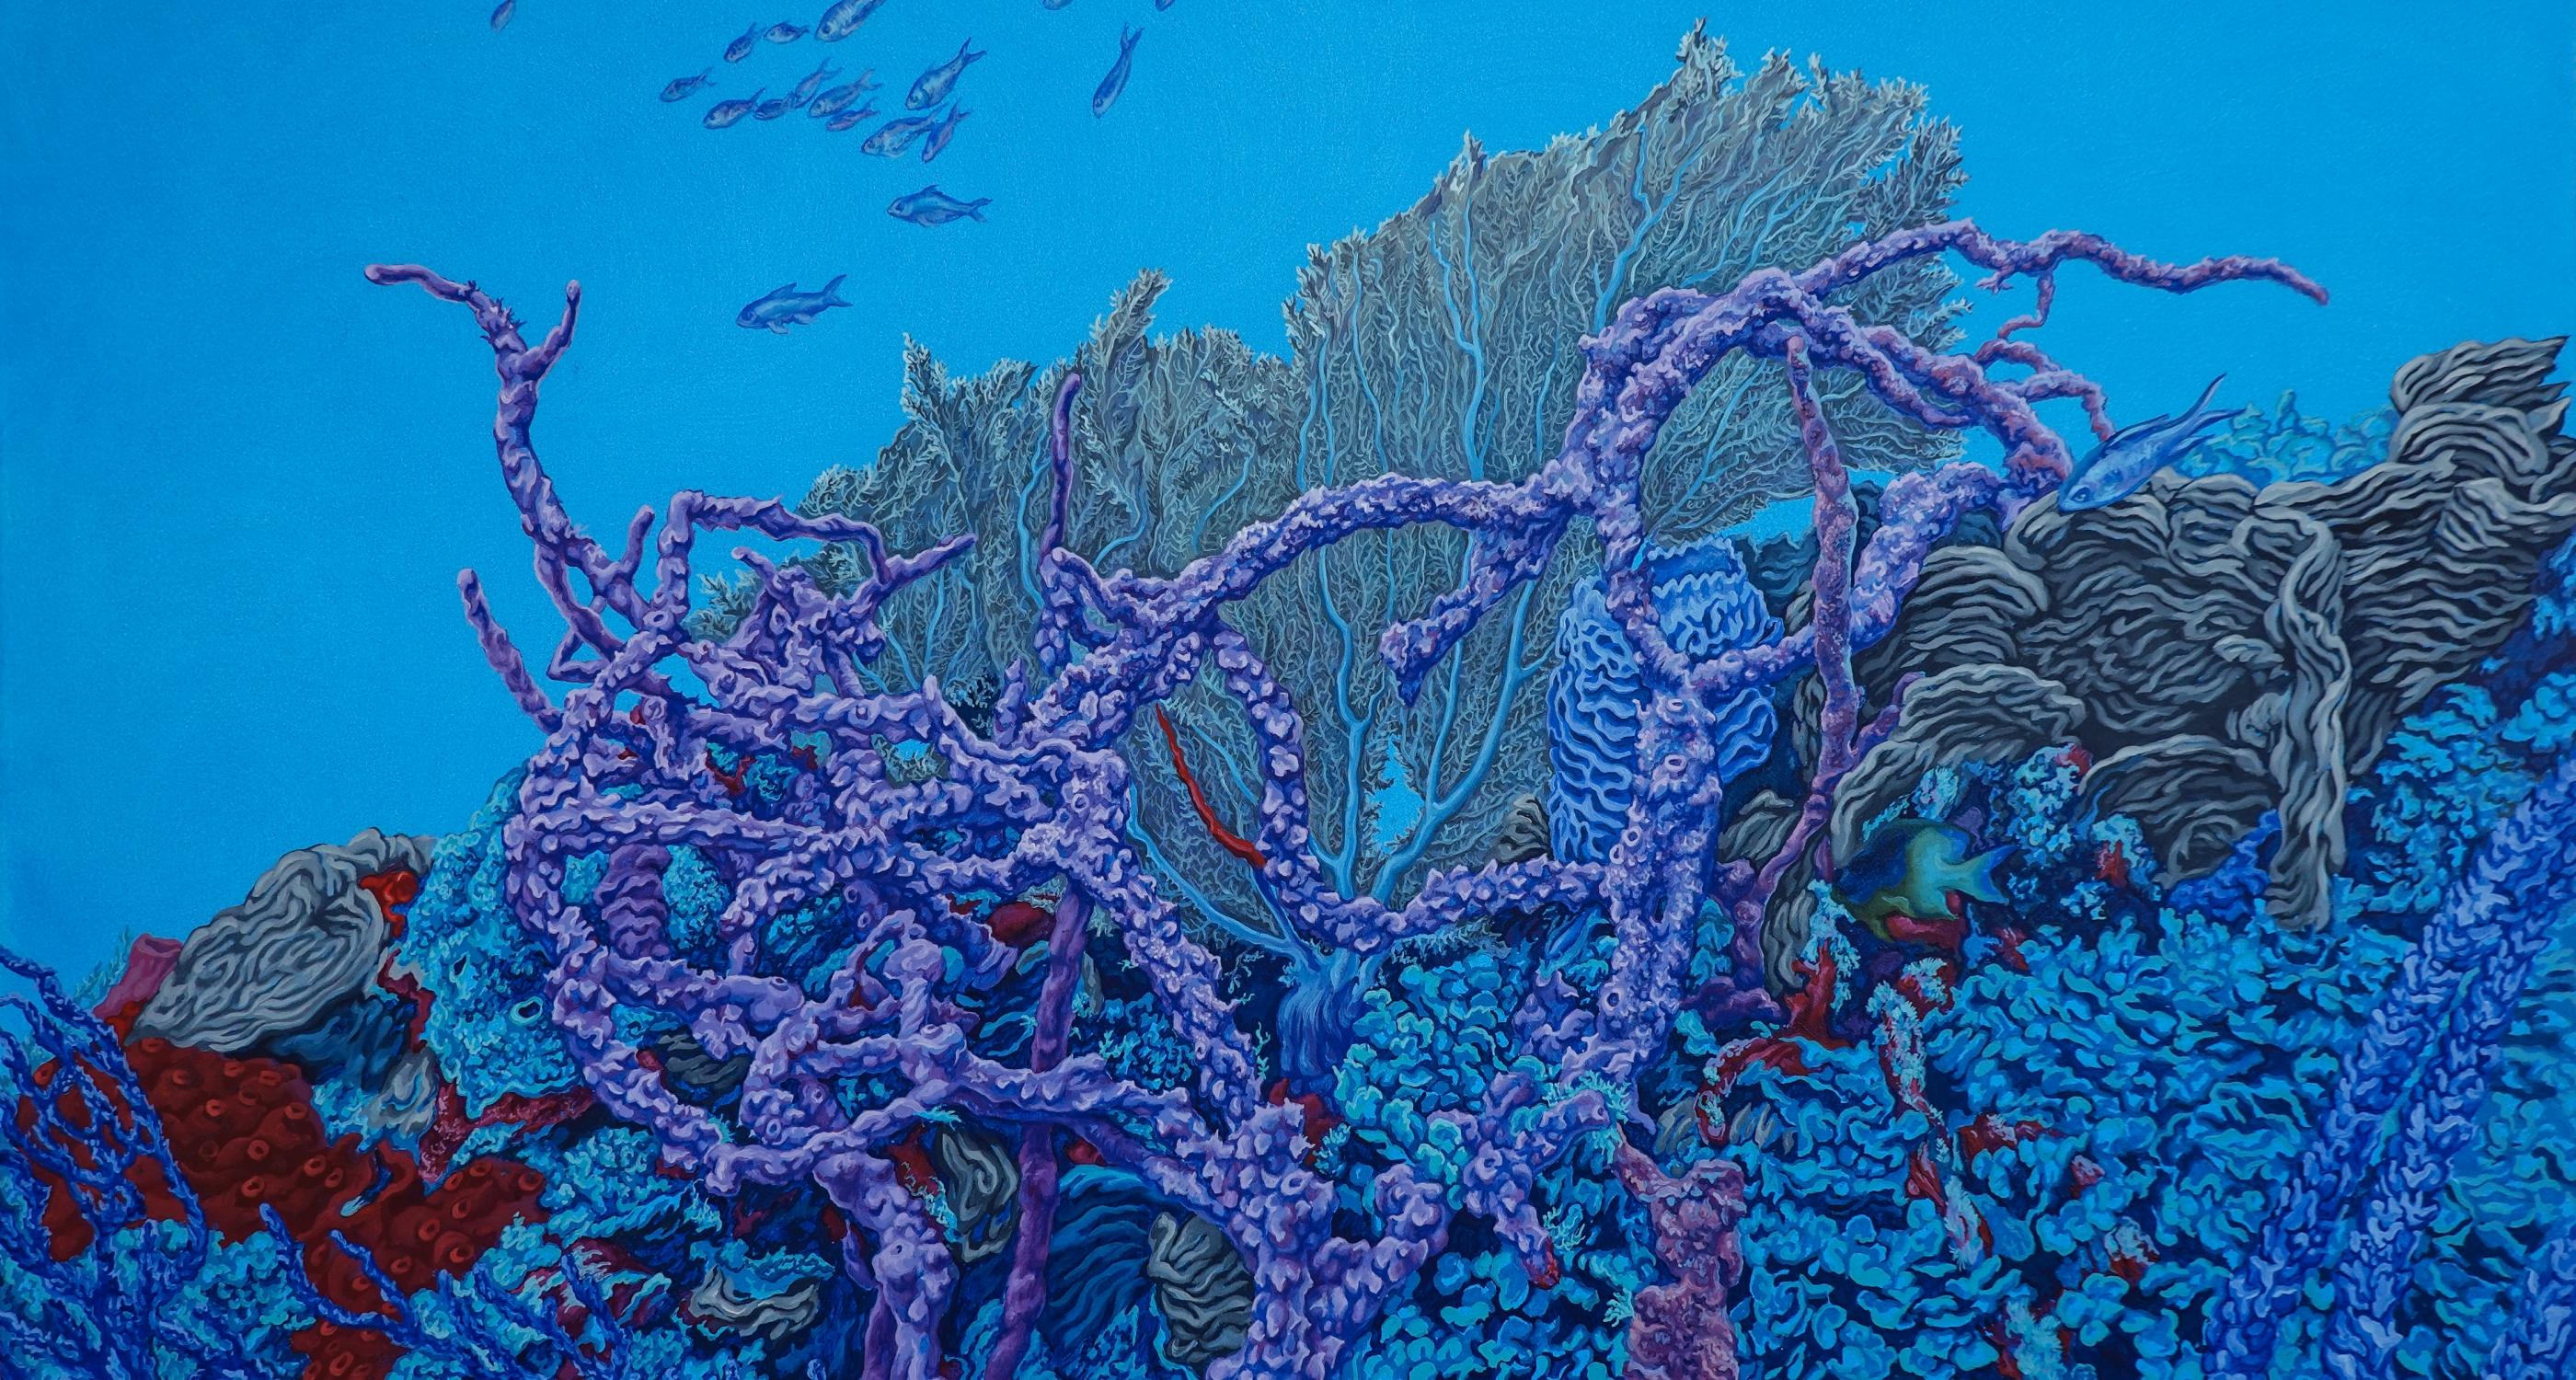 Hide and Seek oil painting by Nikolina Kovalenko depicting abundant underwater coral reefs.